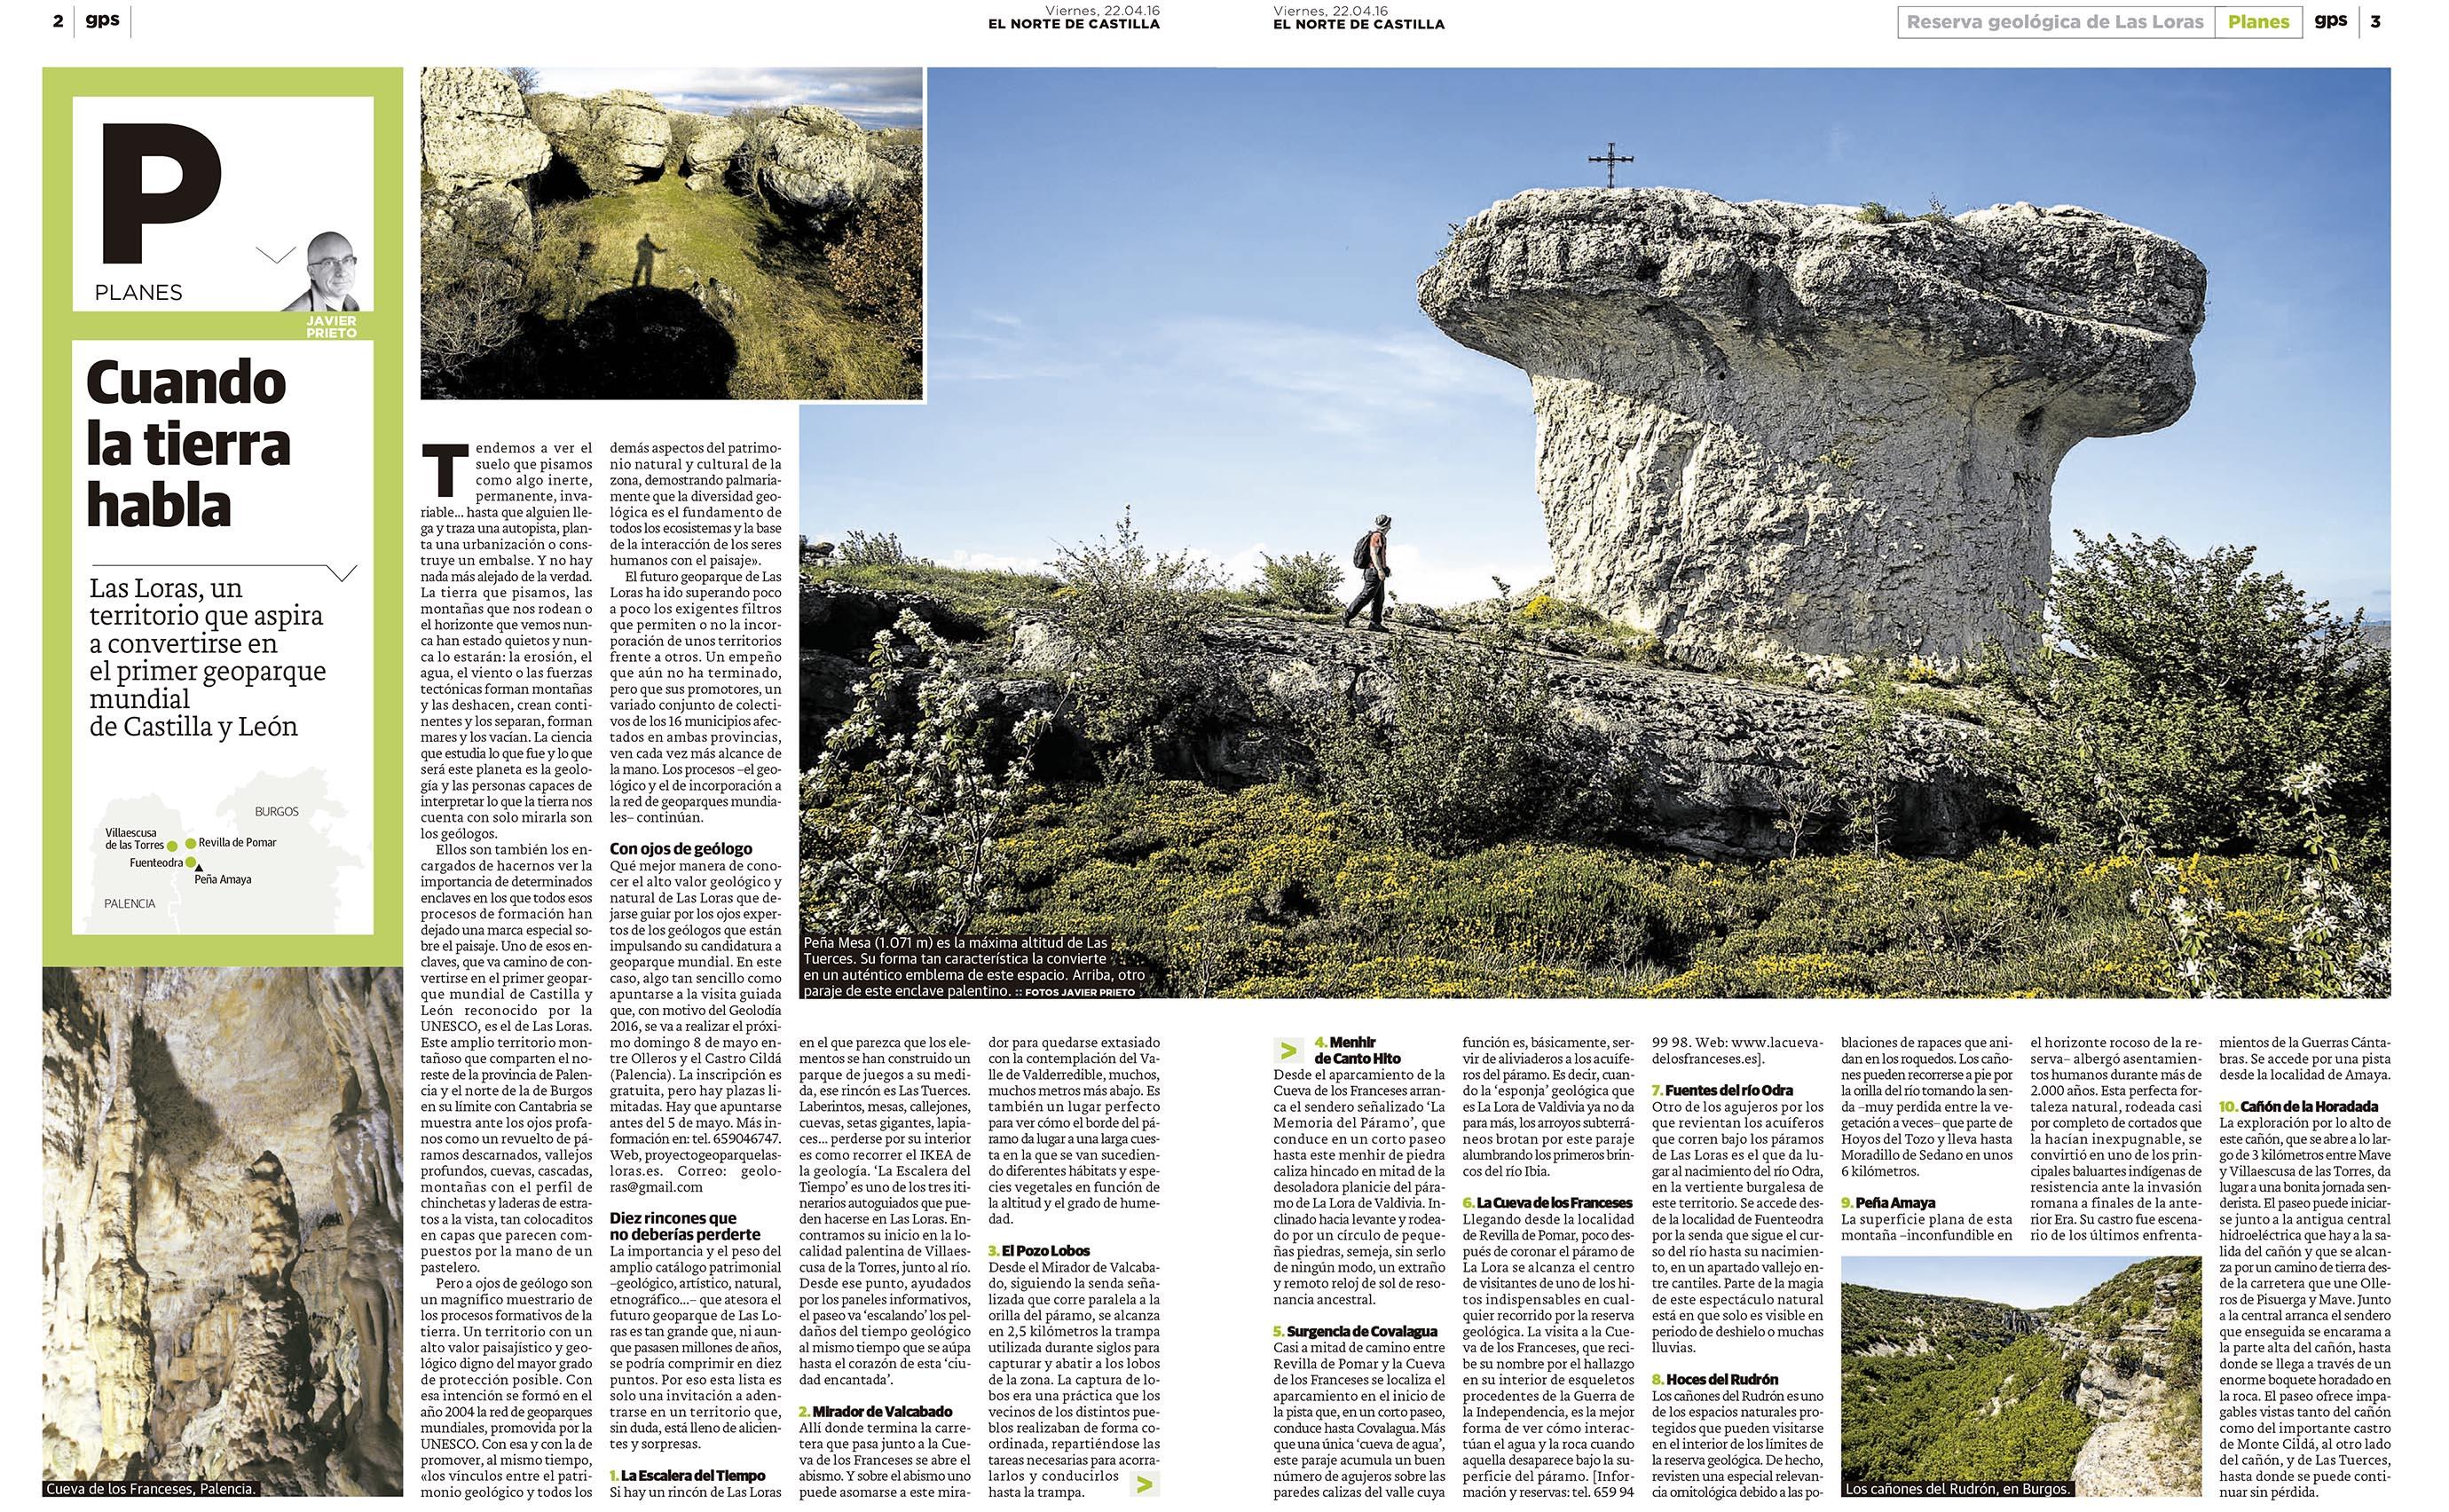 Reportaje de Javier Prieto Gallego sobre Las Loras publicado en EL NORTE DE CASTILLA.